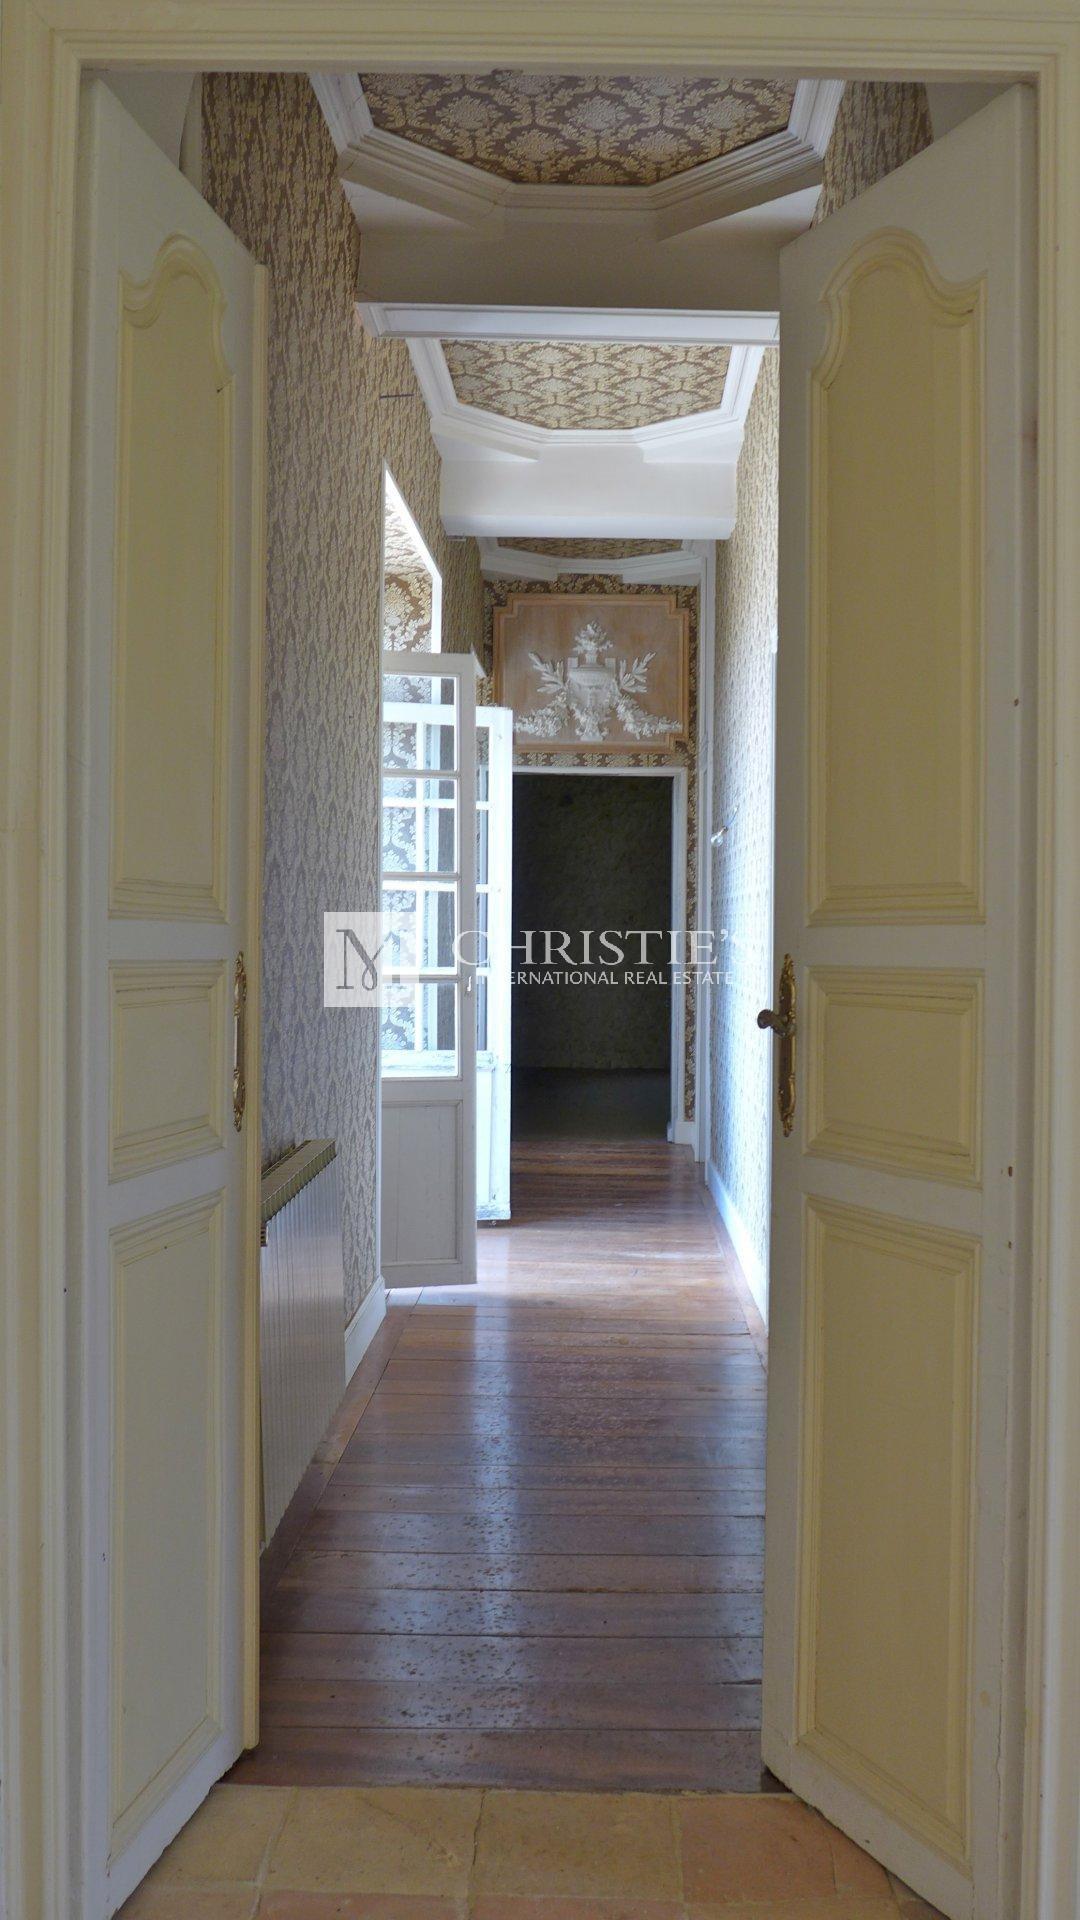 First floor hallway, parquet floor